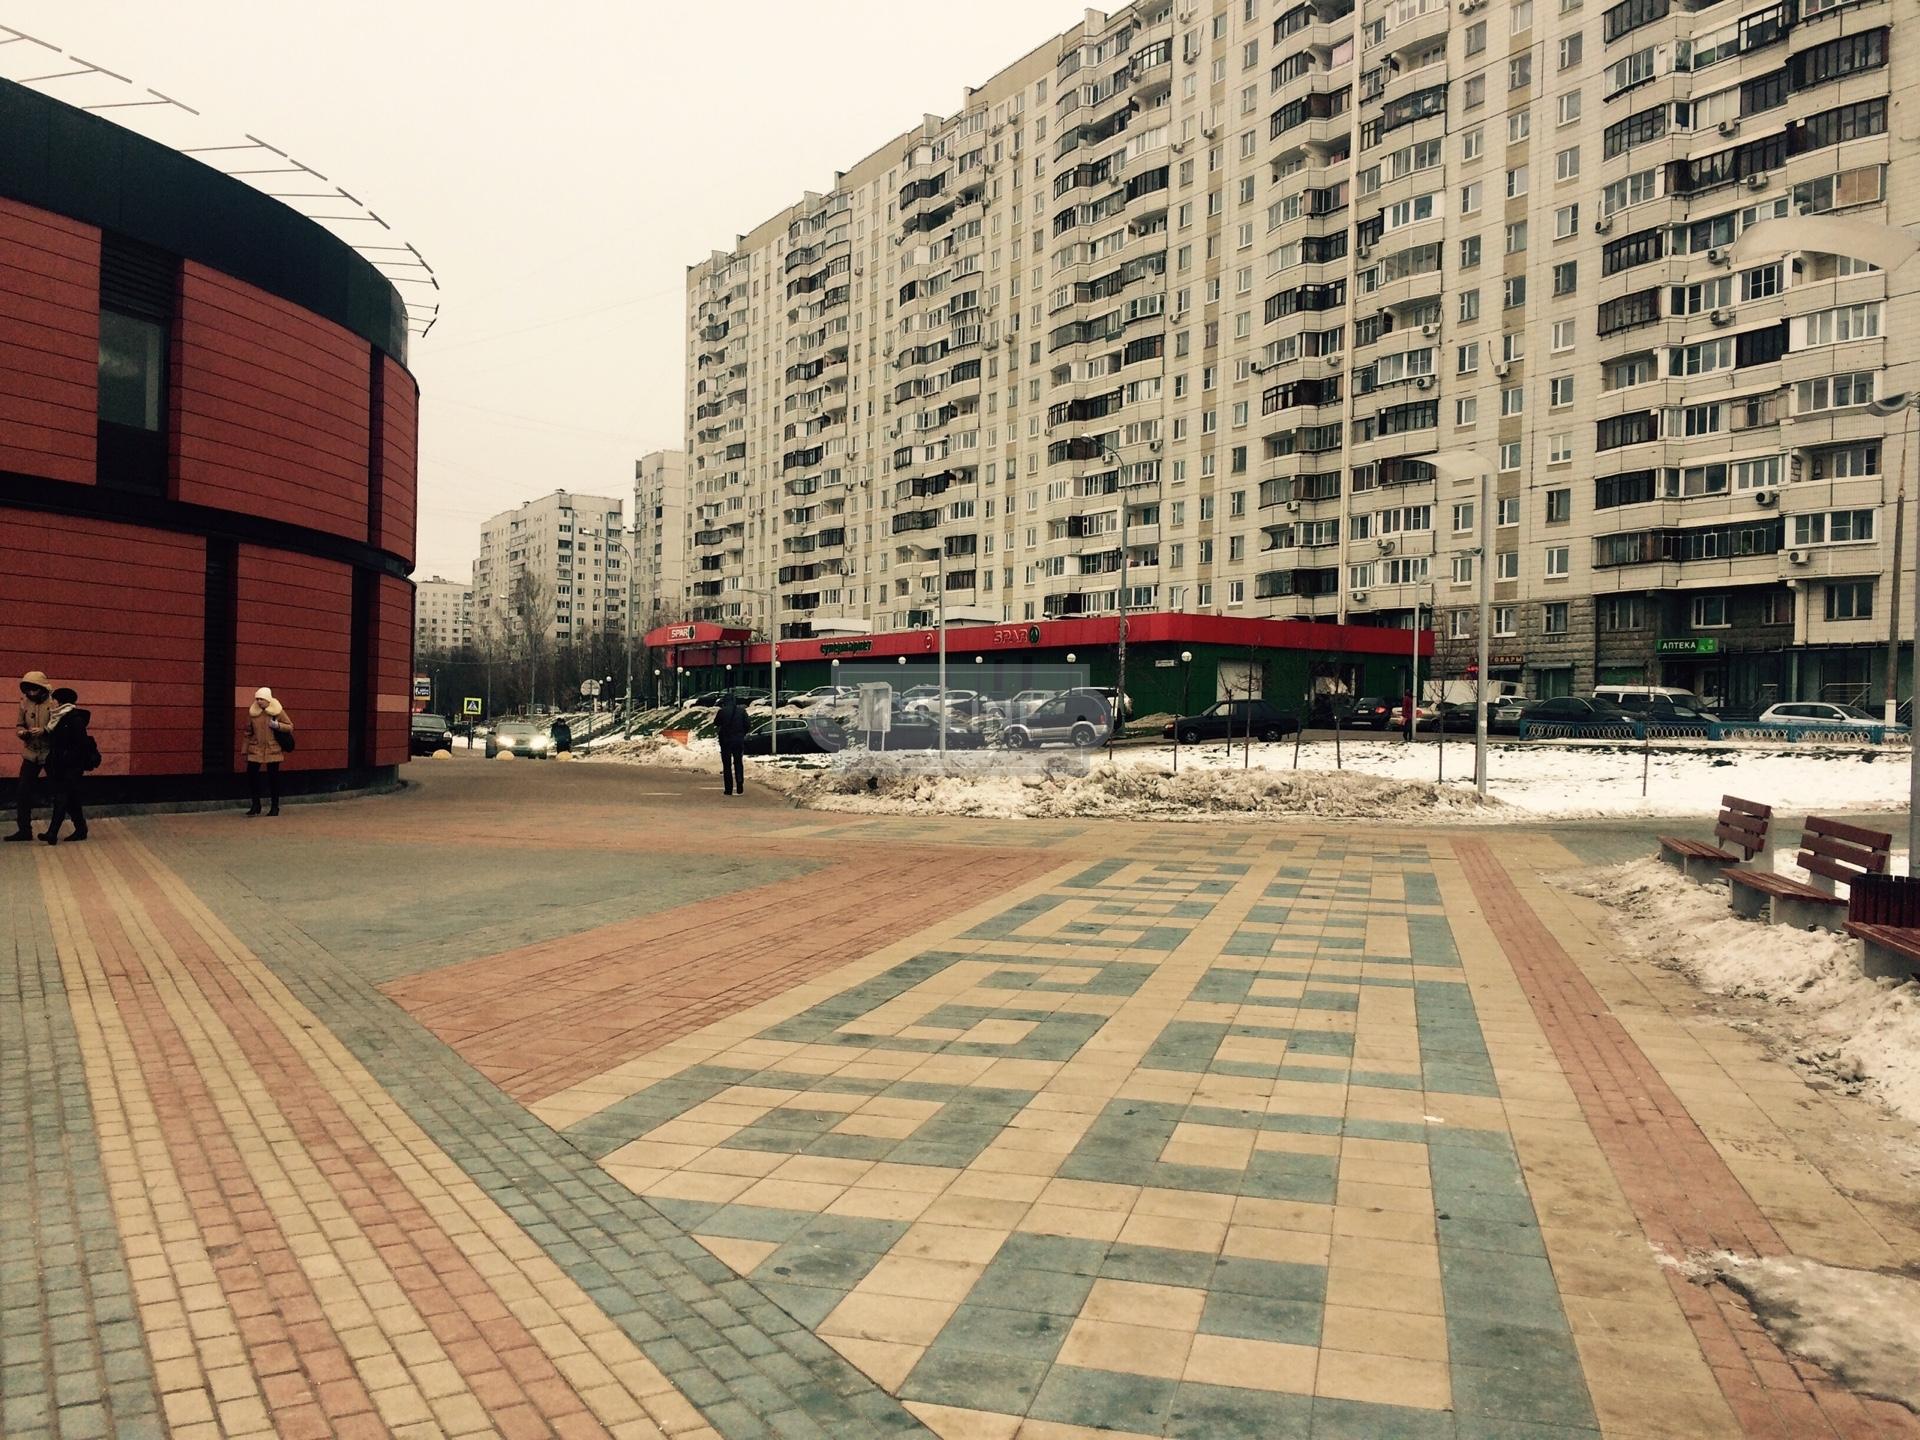 Аренда коммерческой недвижимости юао портал поиска помещений для офиса Курьяновская 2-я улица